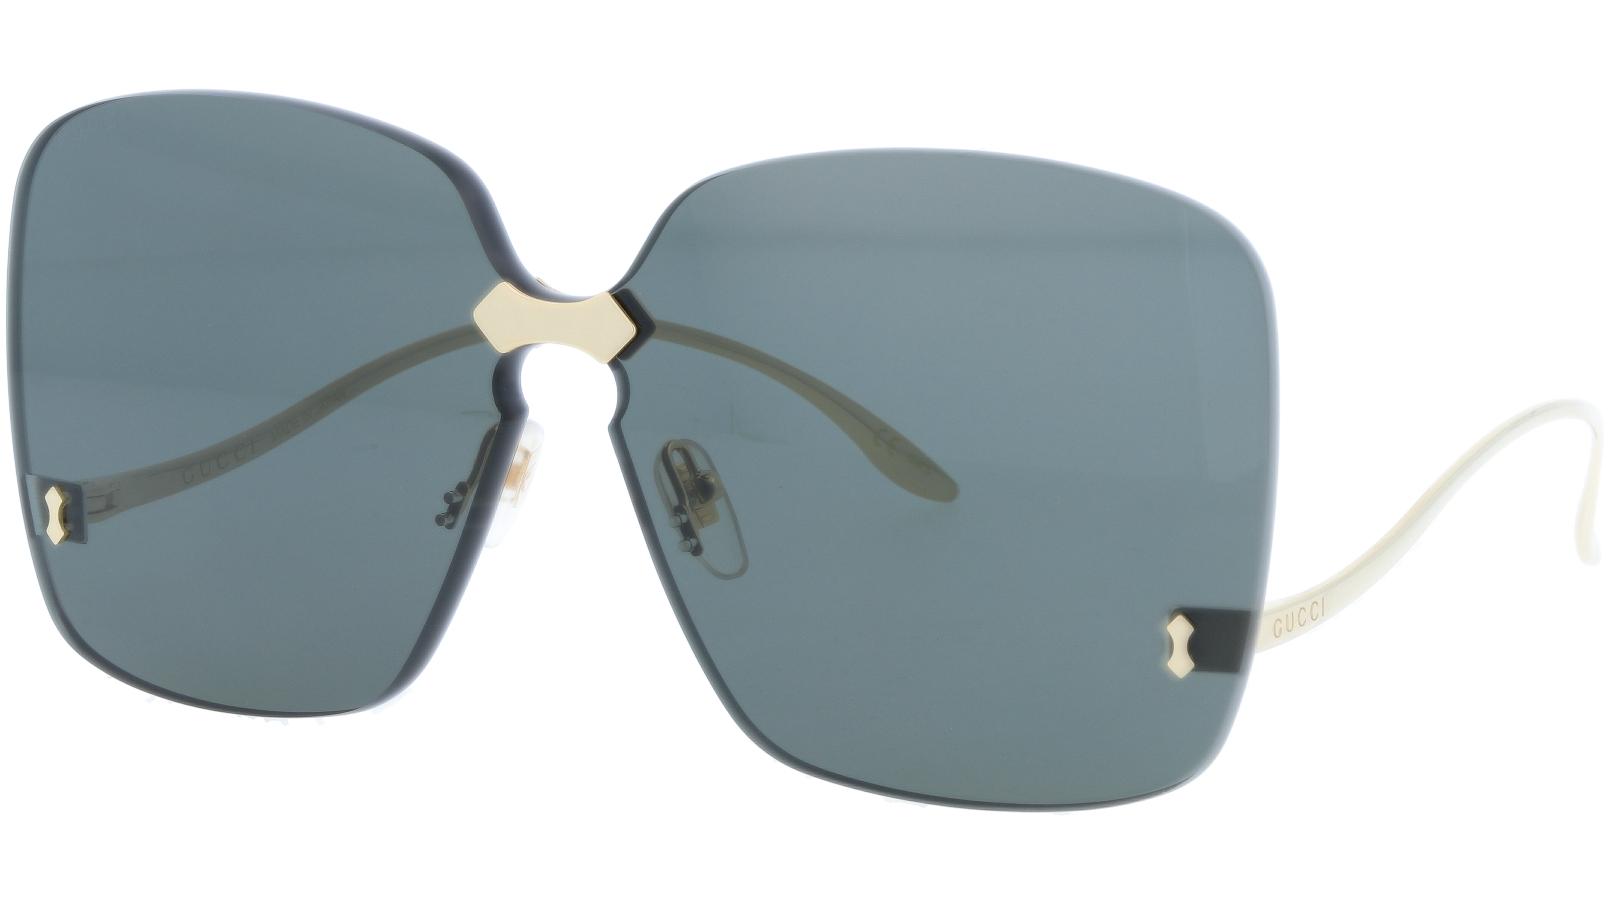 GUCCI GG0352S 002 99 GOLD Sunglasses